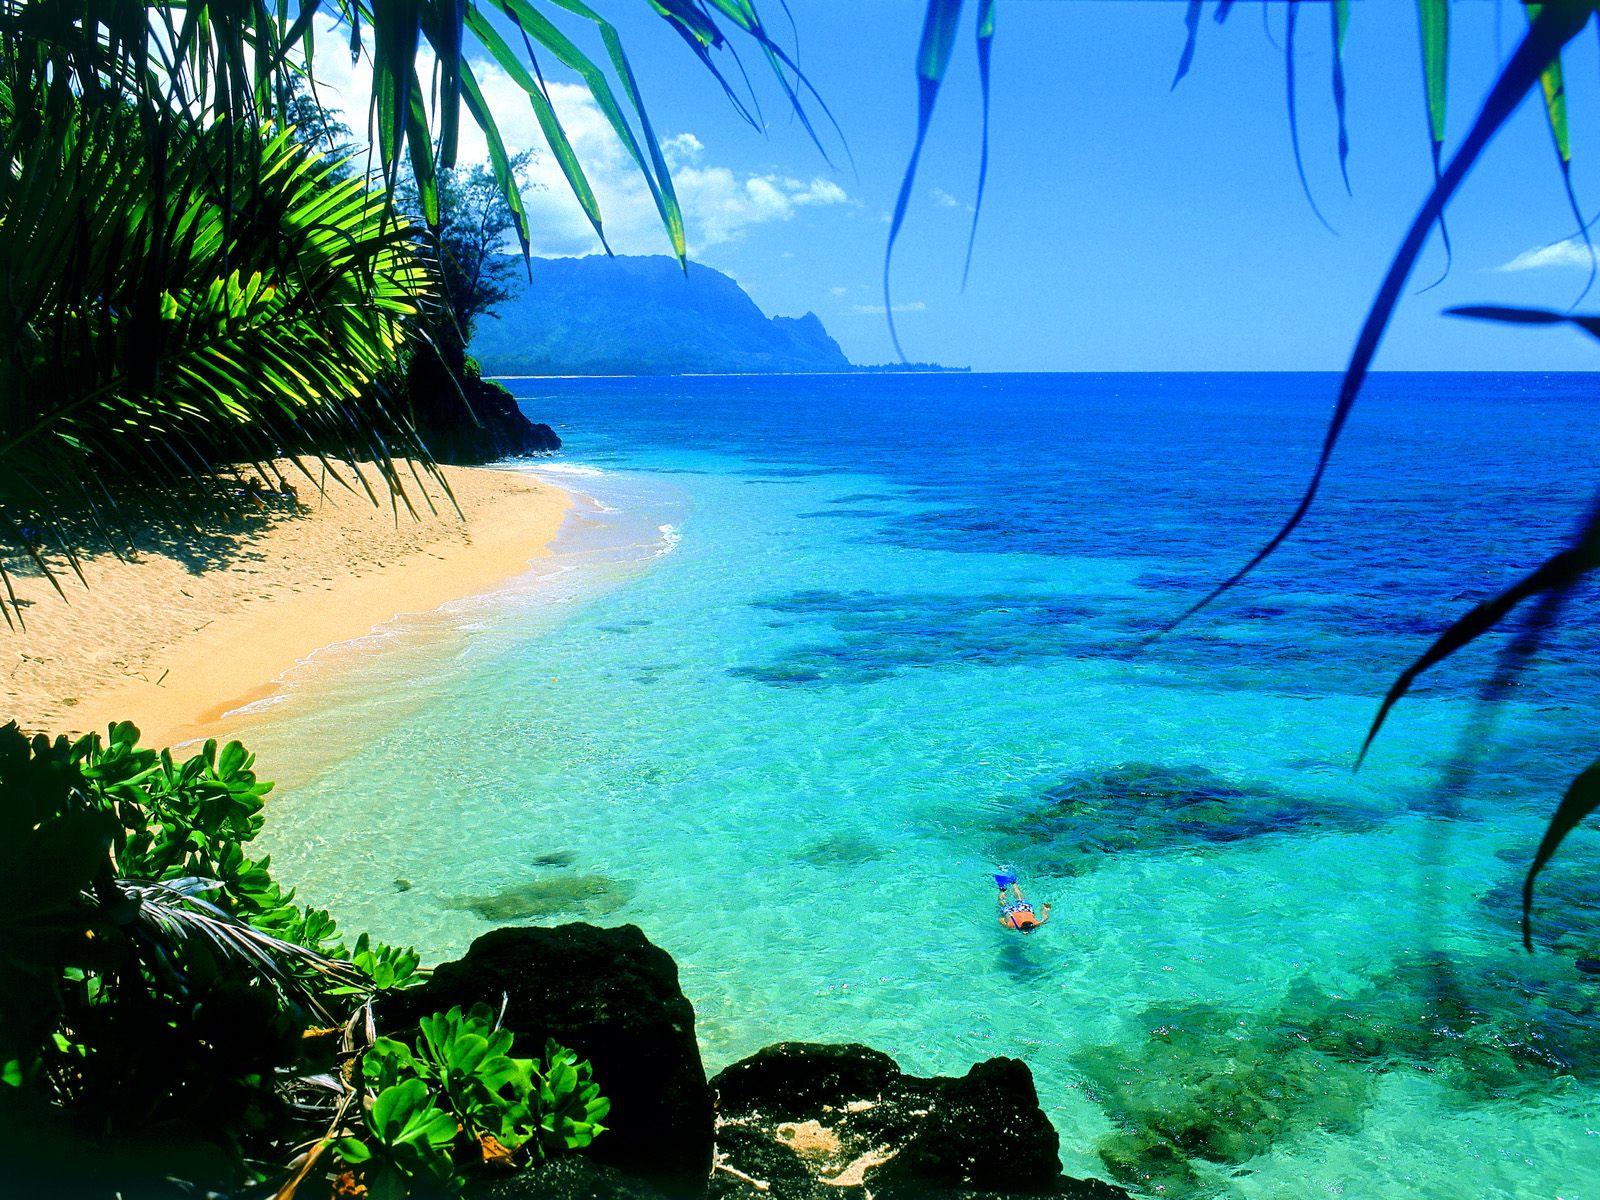 Hawaii wallpapers